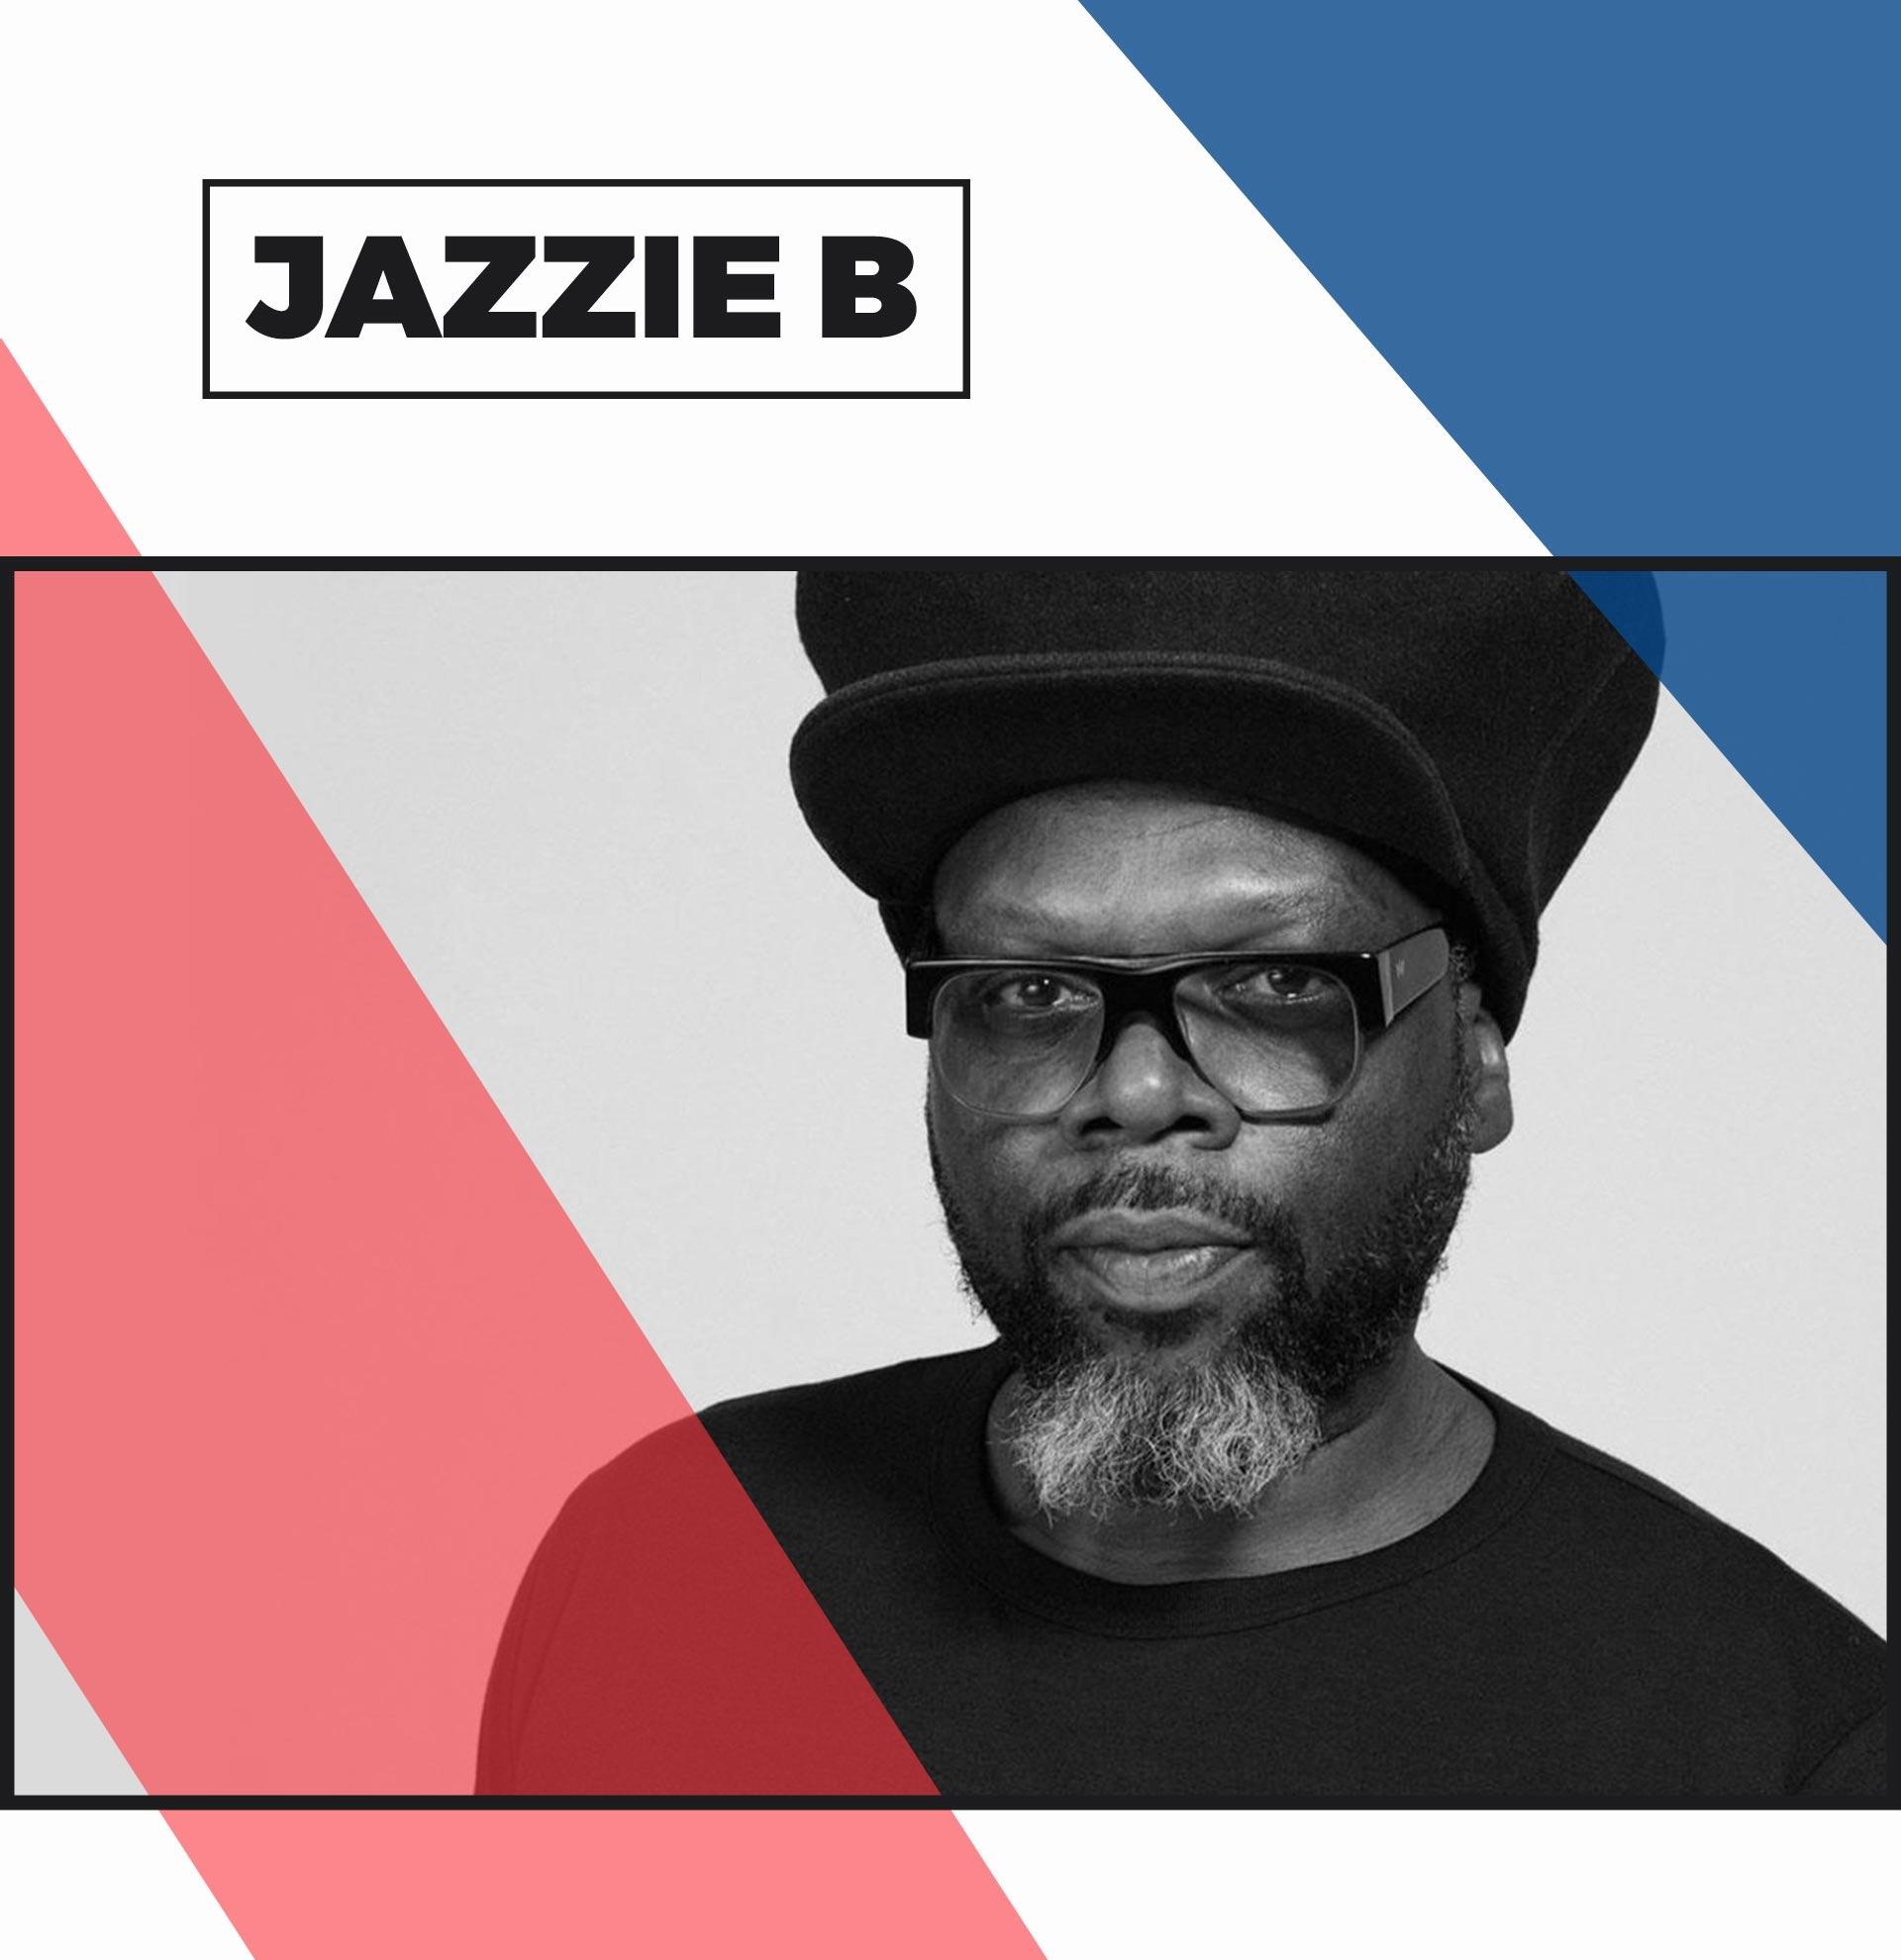 Copy of Jazzie B